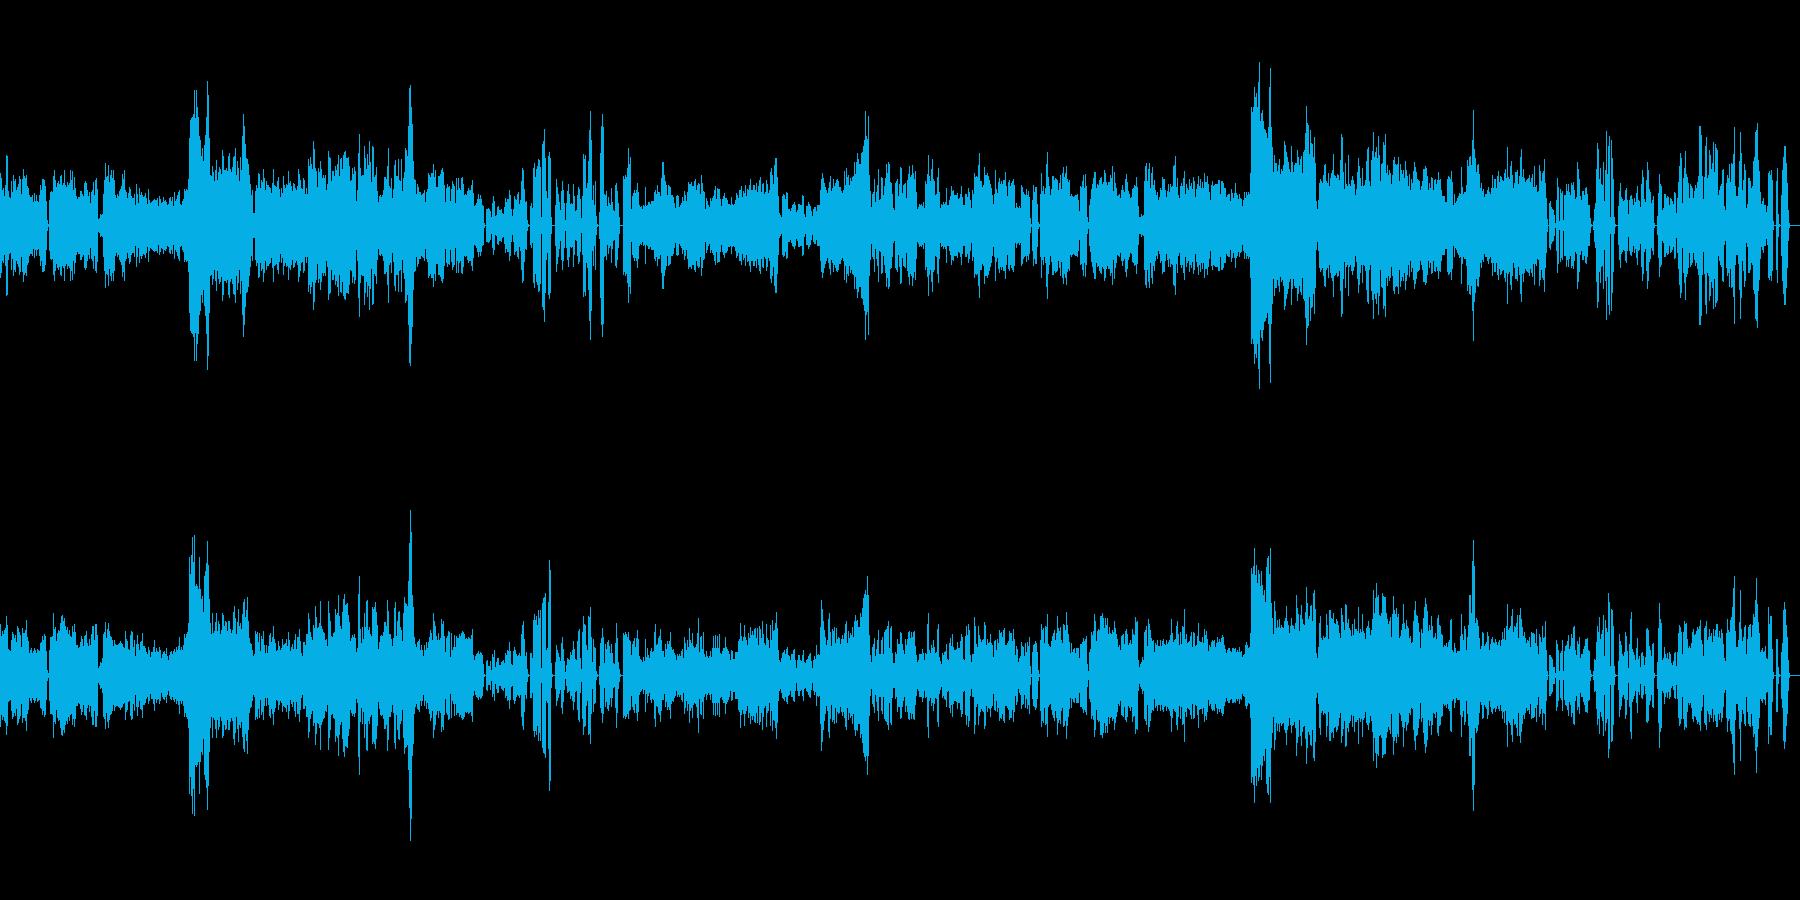 シューベルト「ピアノソナタ変ロ長調」の再生済みの波形